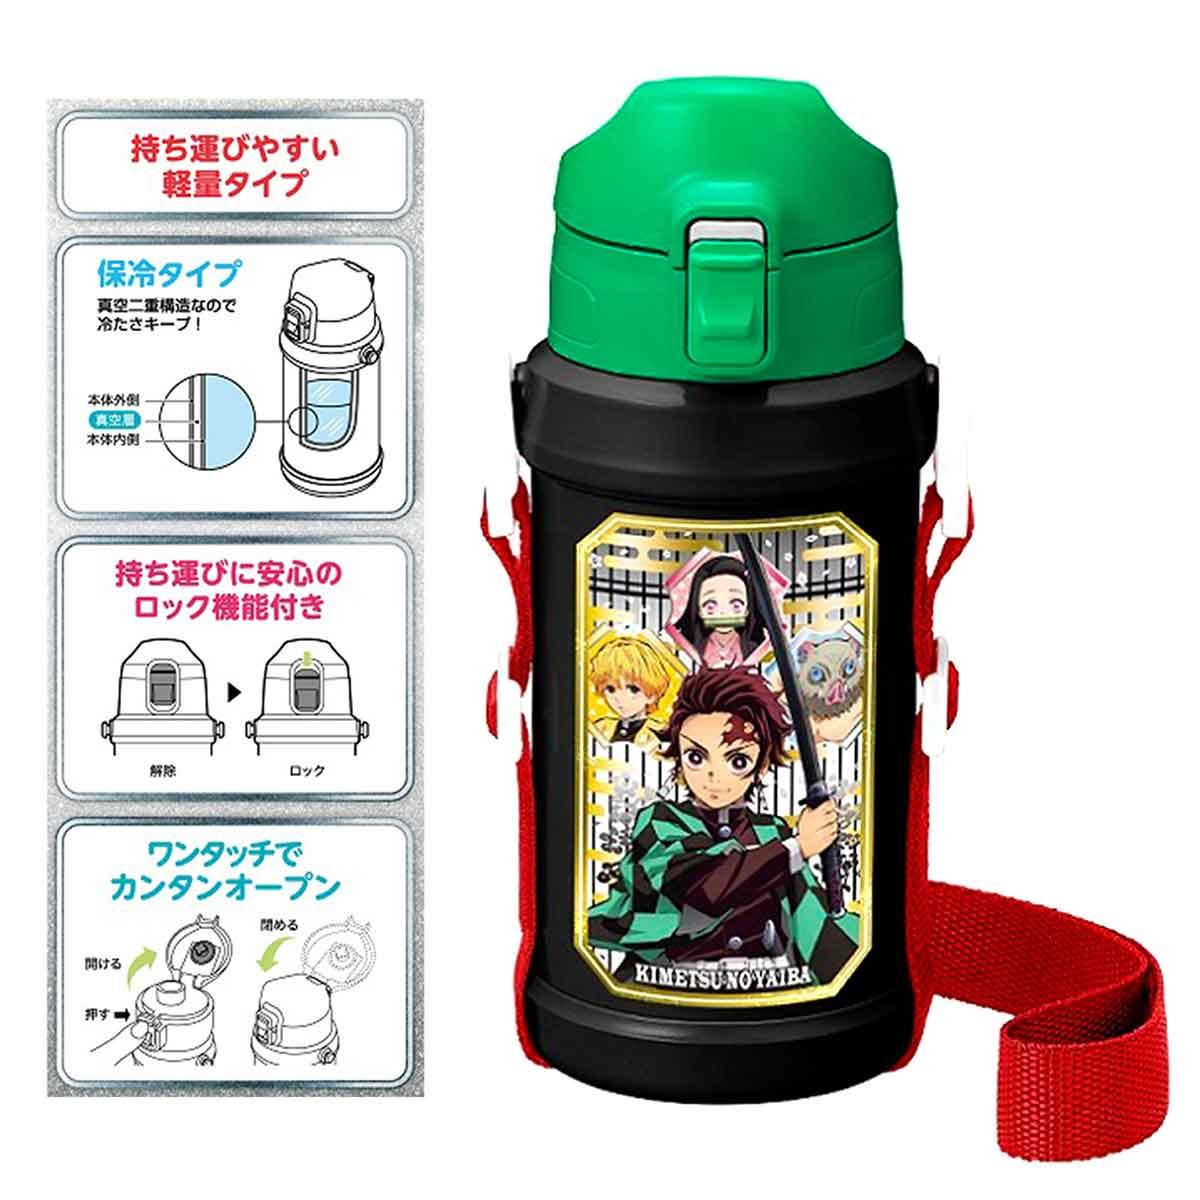 不鏽鋼直飲水壺 鬼滅之刃 保冷専用 背帶水壺 日本進口正版授權